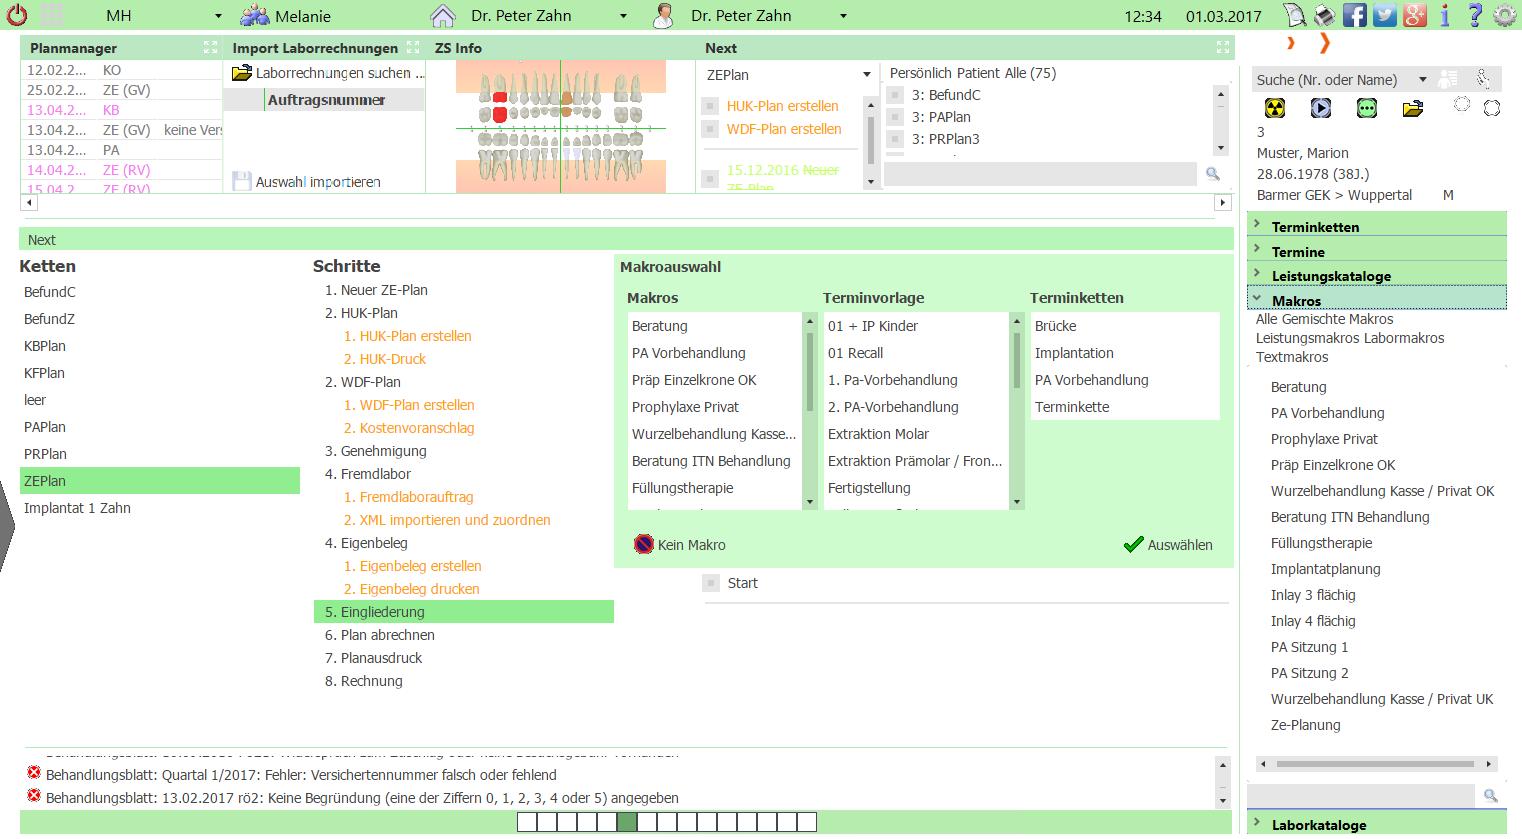 VISInext Prozessketten und Workflow - BDV Branchen-Daten-Verarbeitung GmbH